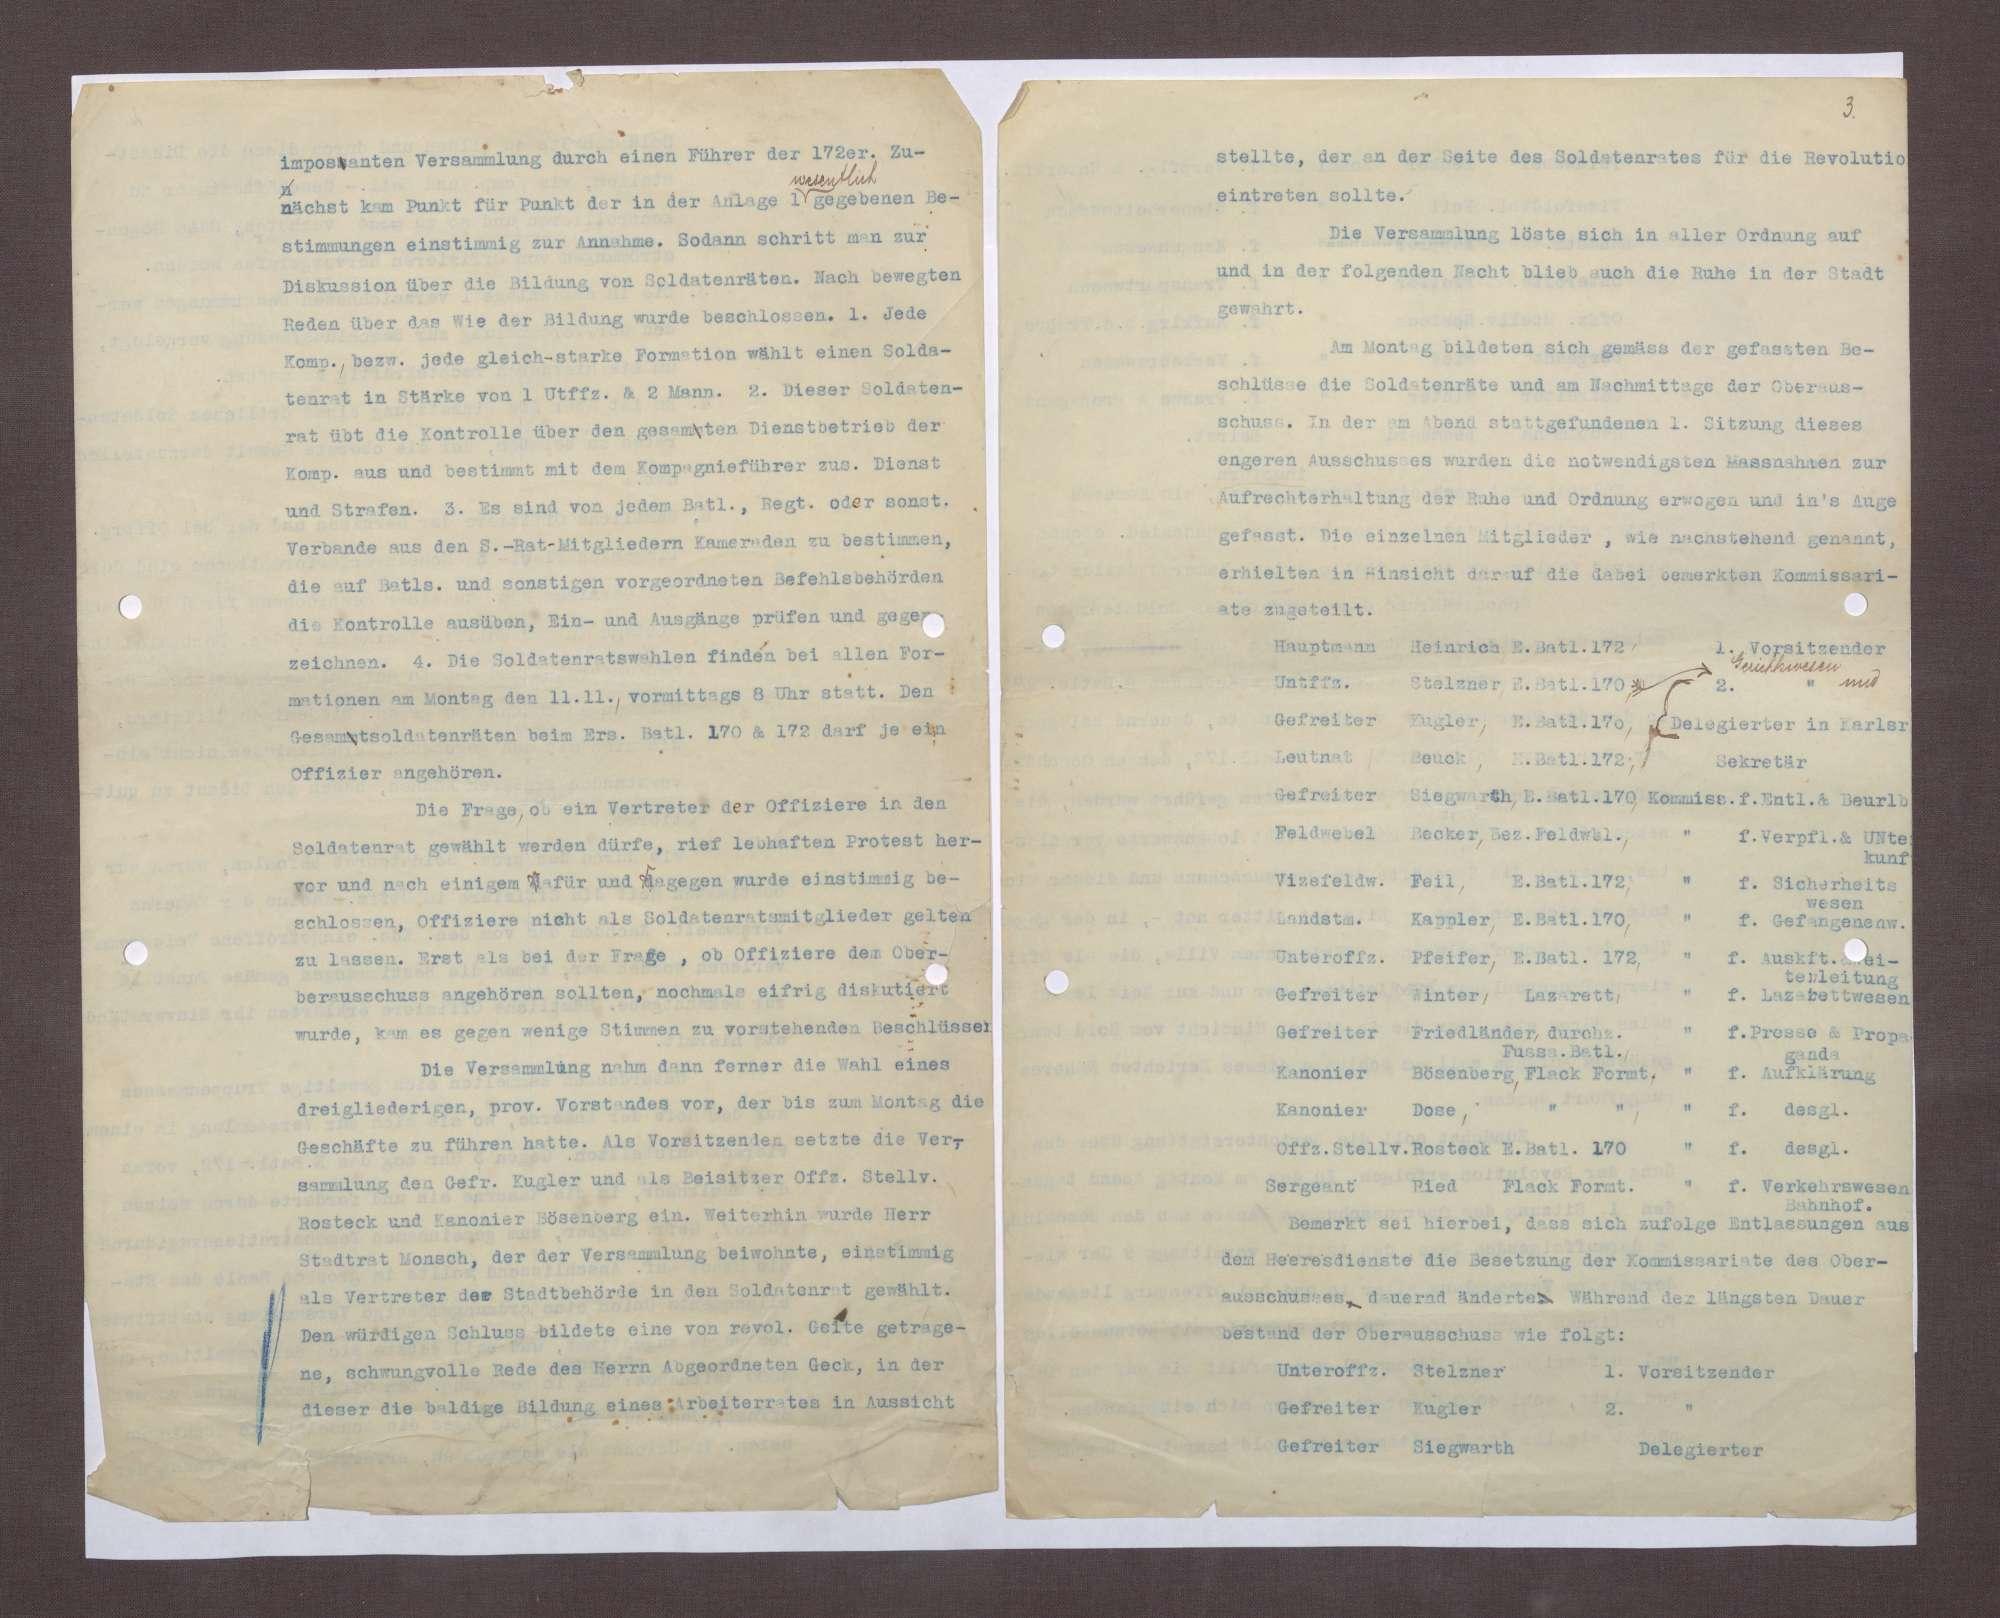 Arbeiter- und Soldatenrat Offenburg: Untersuchungen wegen Wuchers, Unterschlagung von Lebensmitteln, Bild 3